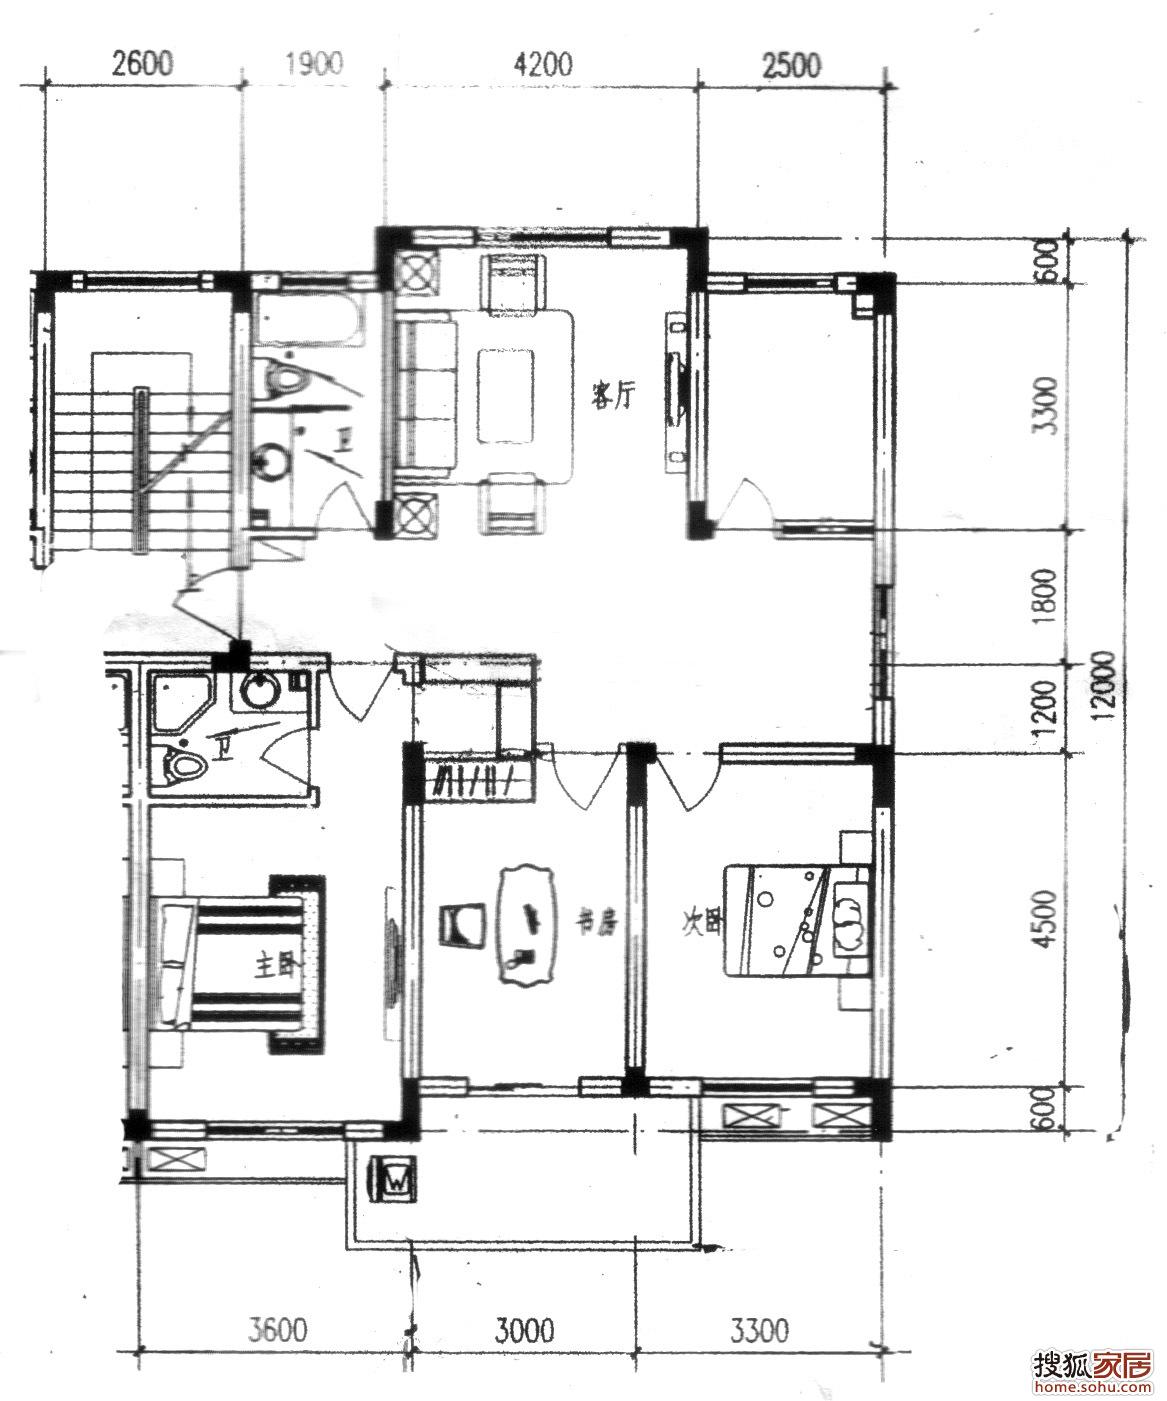 旅馆建筑设计平面图_高分求房屋建筑室内平面图设计软件?-求房屋建筑室内平面图 ...